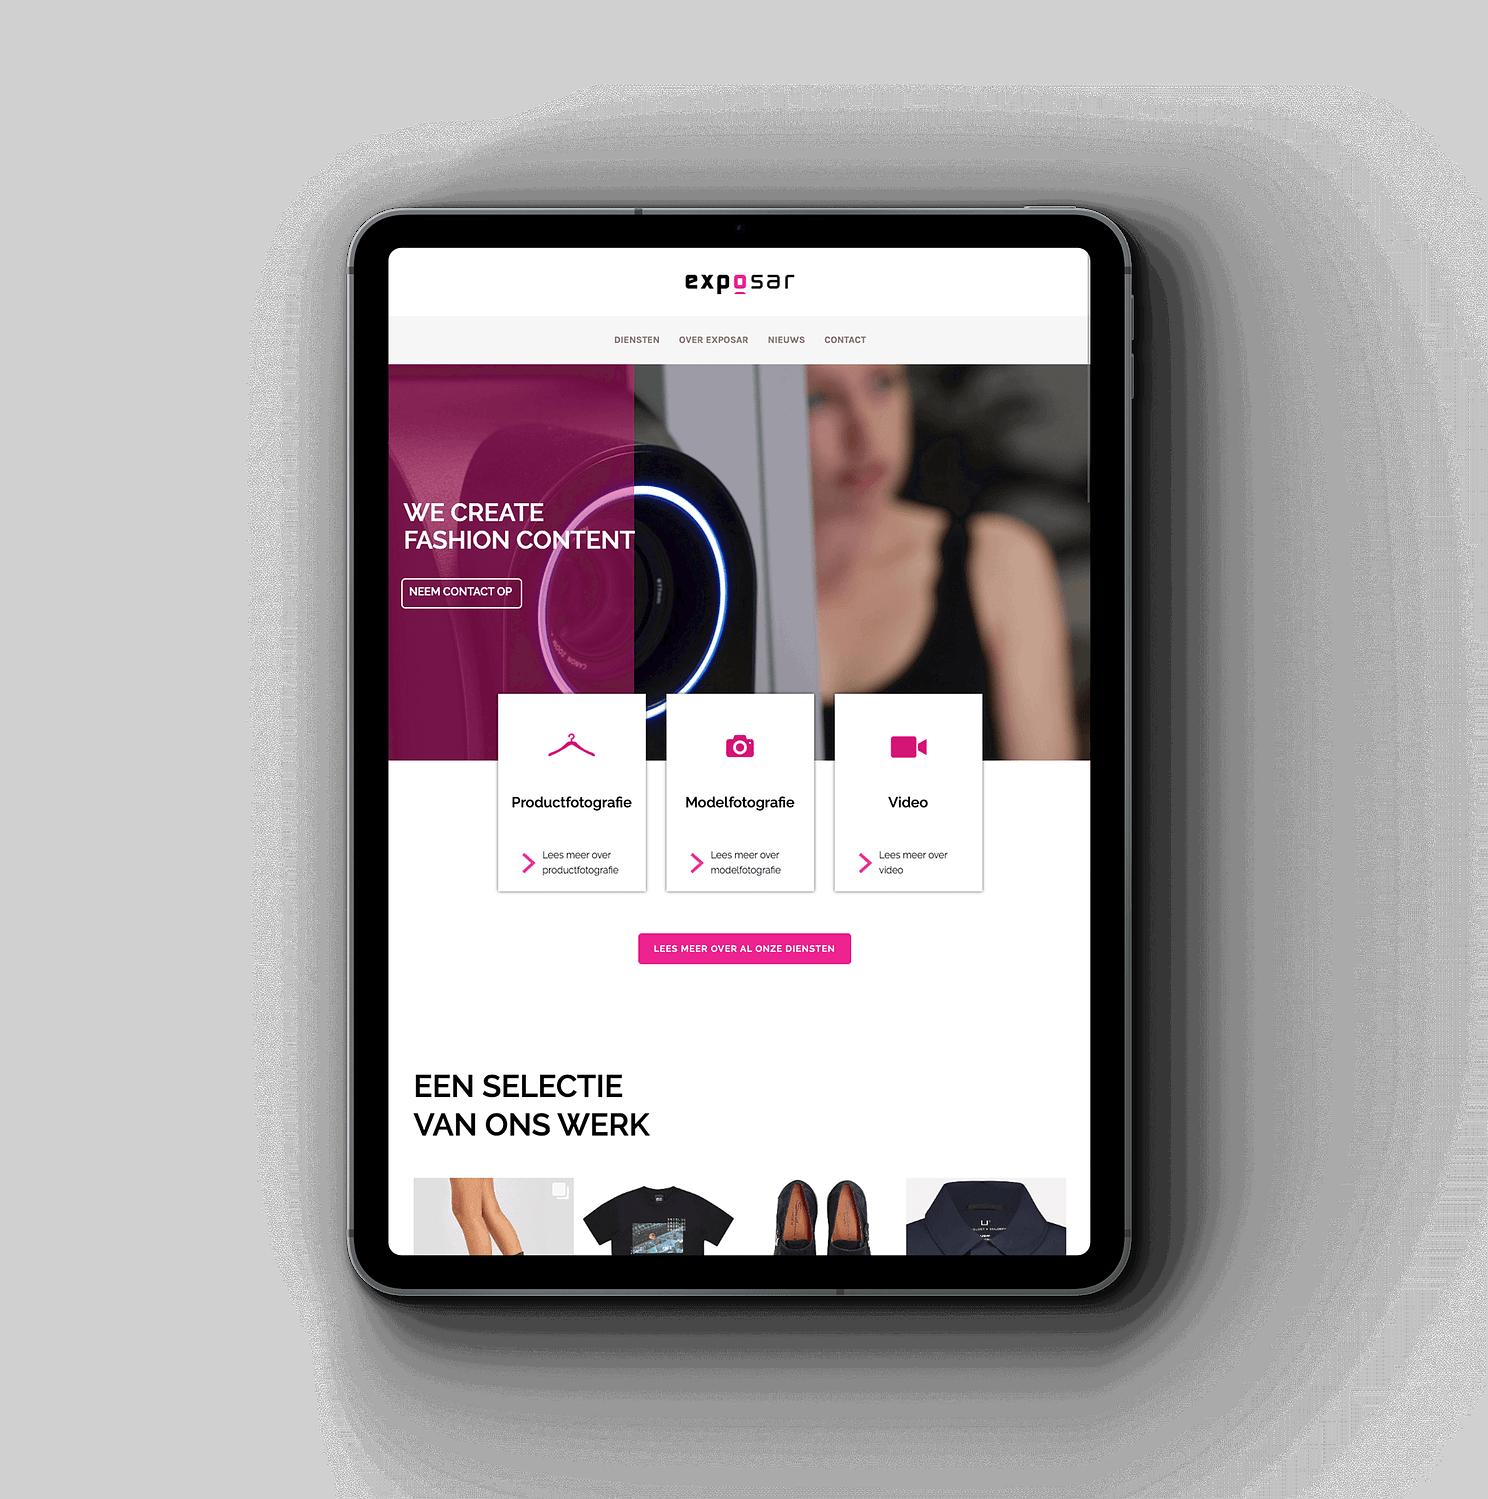 iPad met de Exposar website